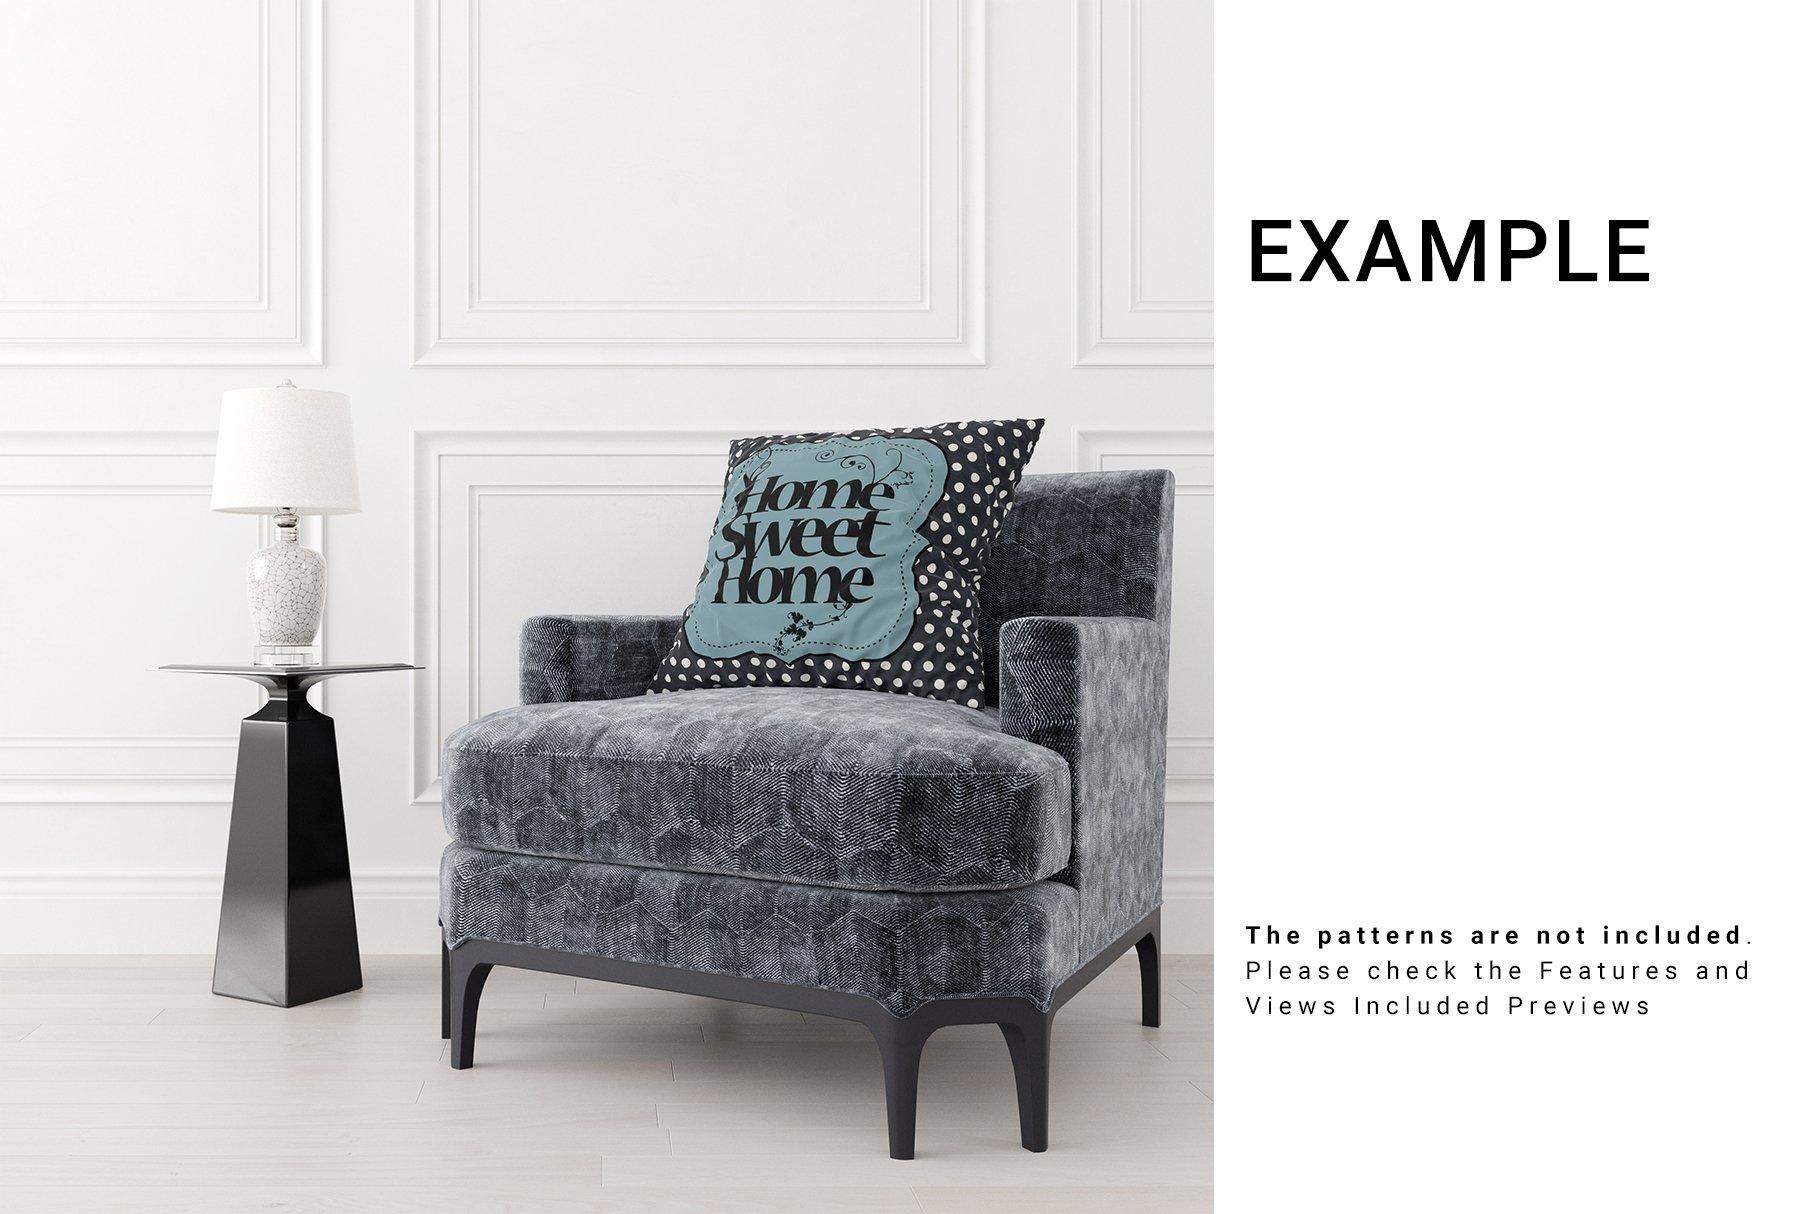 Luxury Interior Throw Pillows Set example image 5